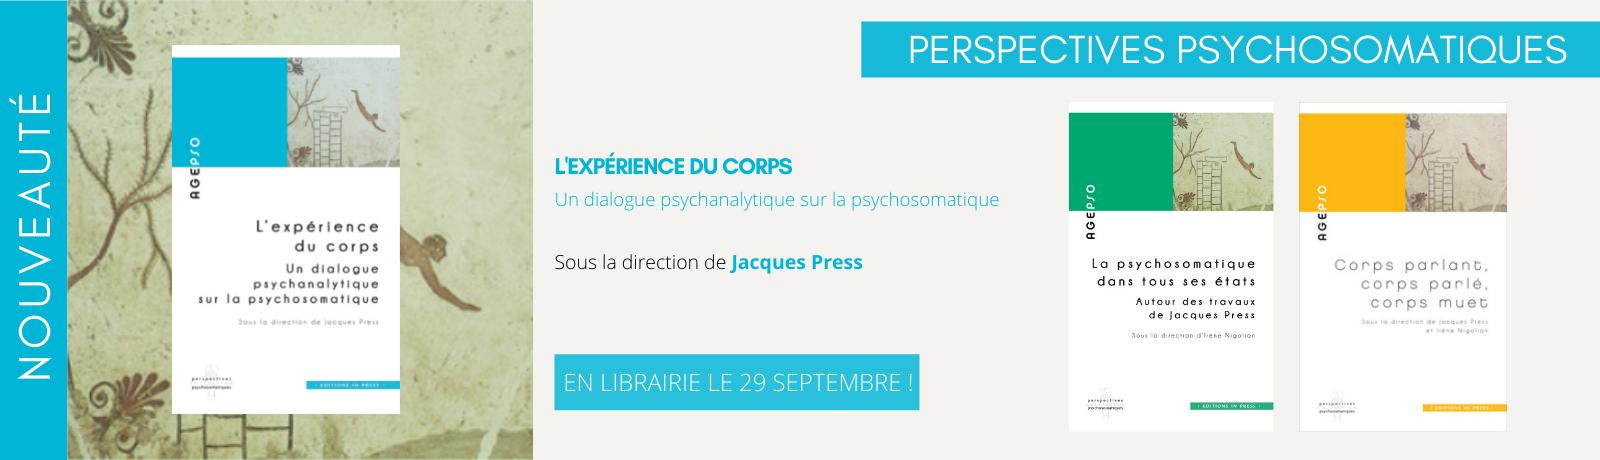 Bannières Site In Press Perspectives psychosomatiques